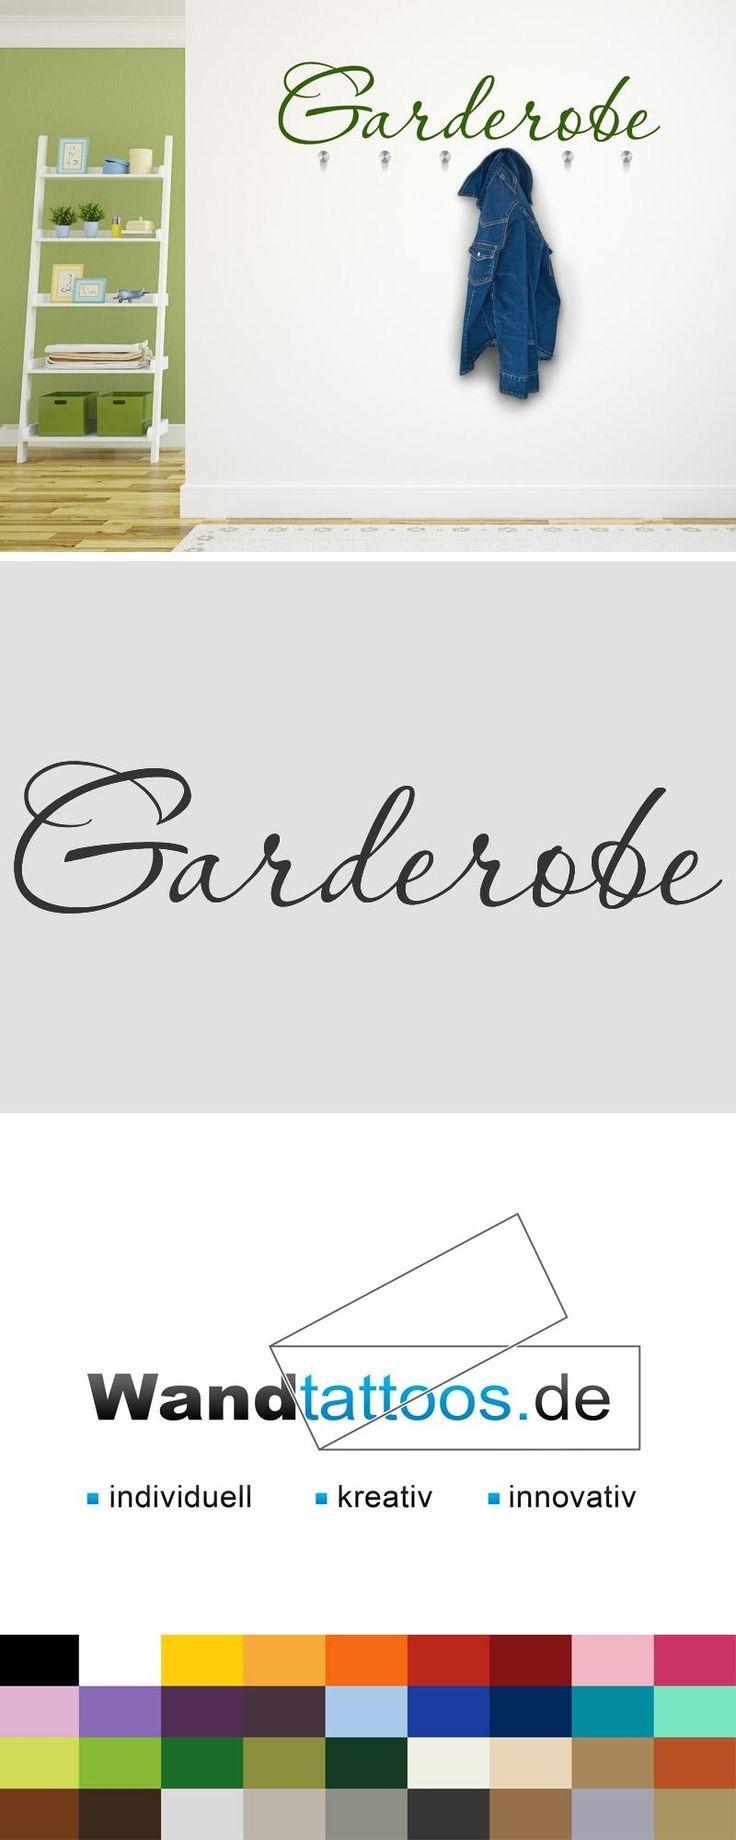 Wandtattoo Garderobe als Idee zur individuellen Wandgestaltung. Einfach Lieblingsfarbe und Größe auswählen. Weitere kreative Anregungen von Wandtattoos.de hier entdecken!